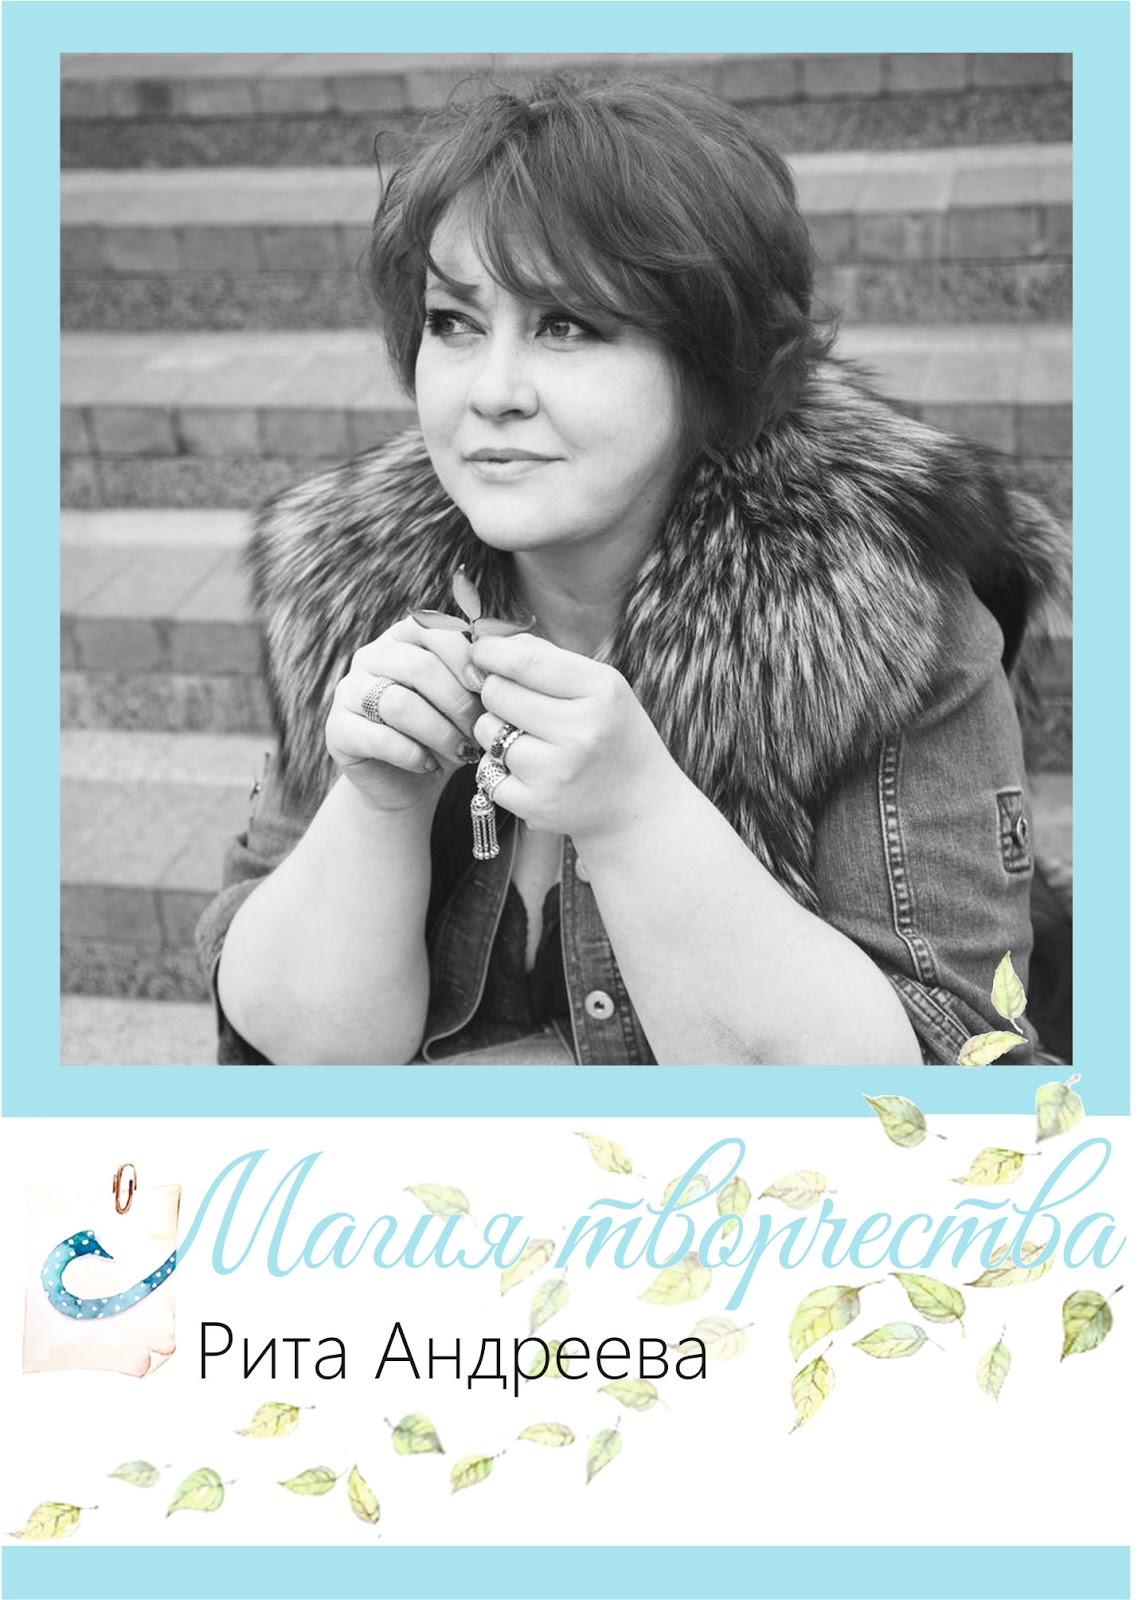 Рита Андреева